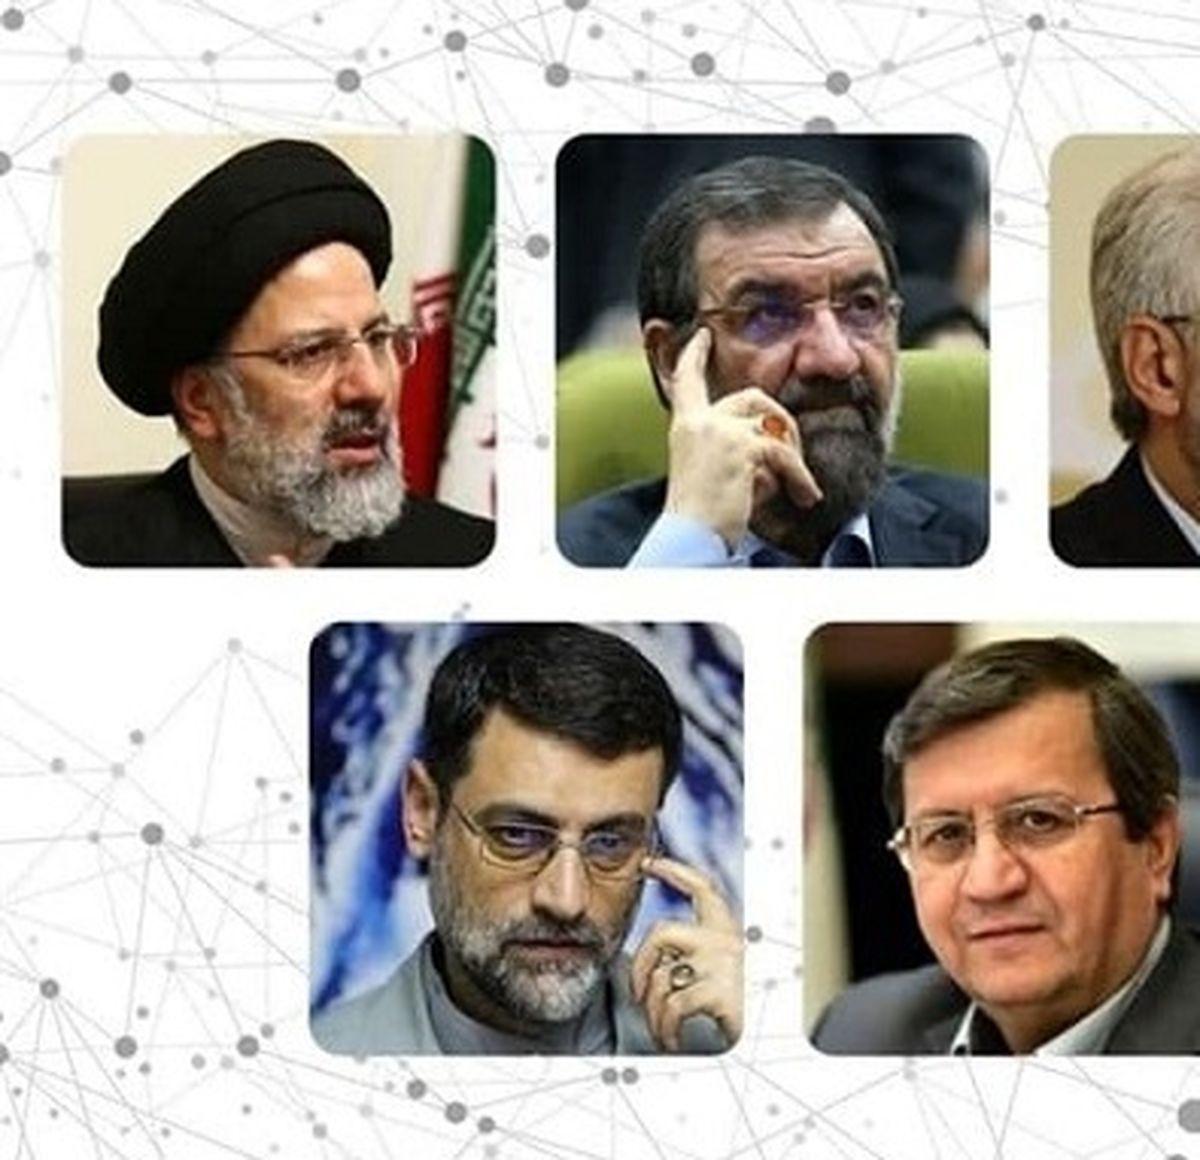 برنامه تبلیغات نامزدها در آخرین روز تبلیغات در رسانه ملی